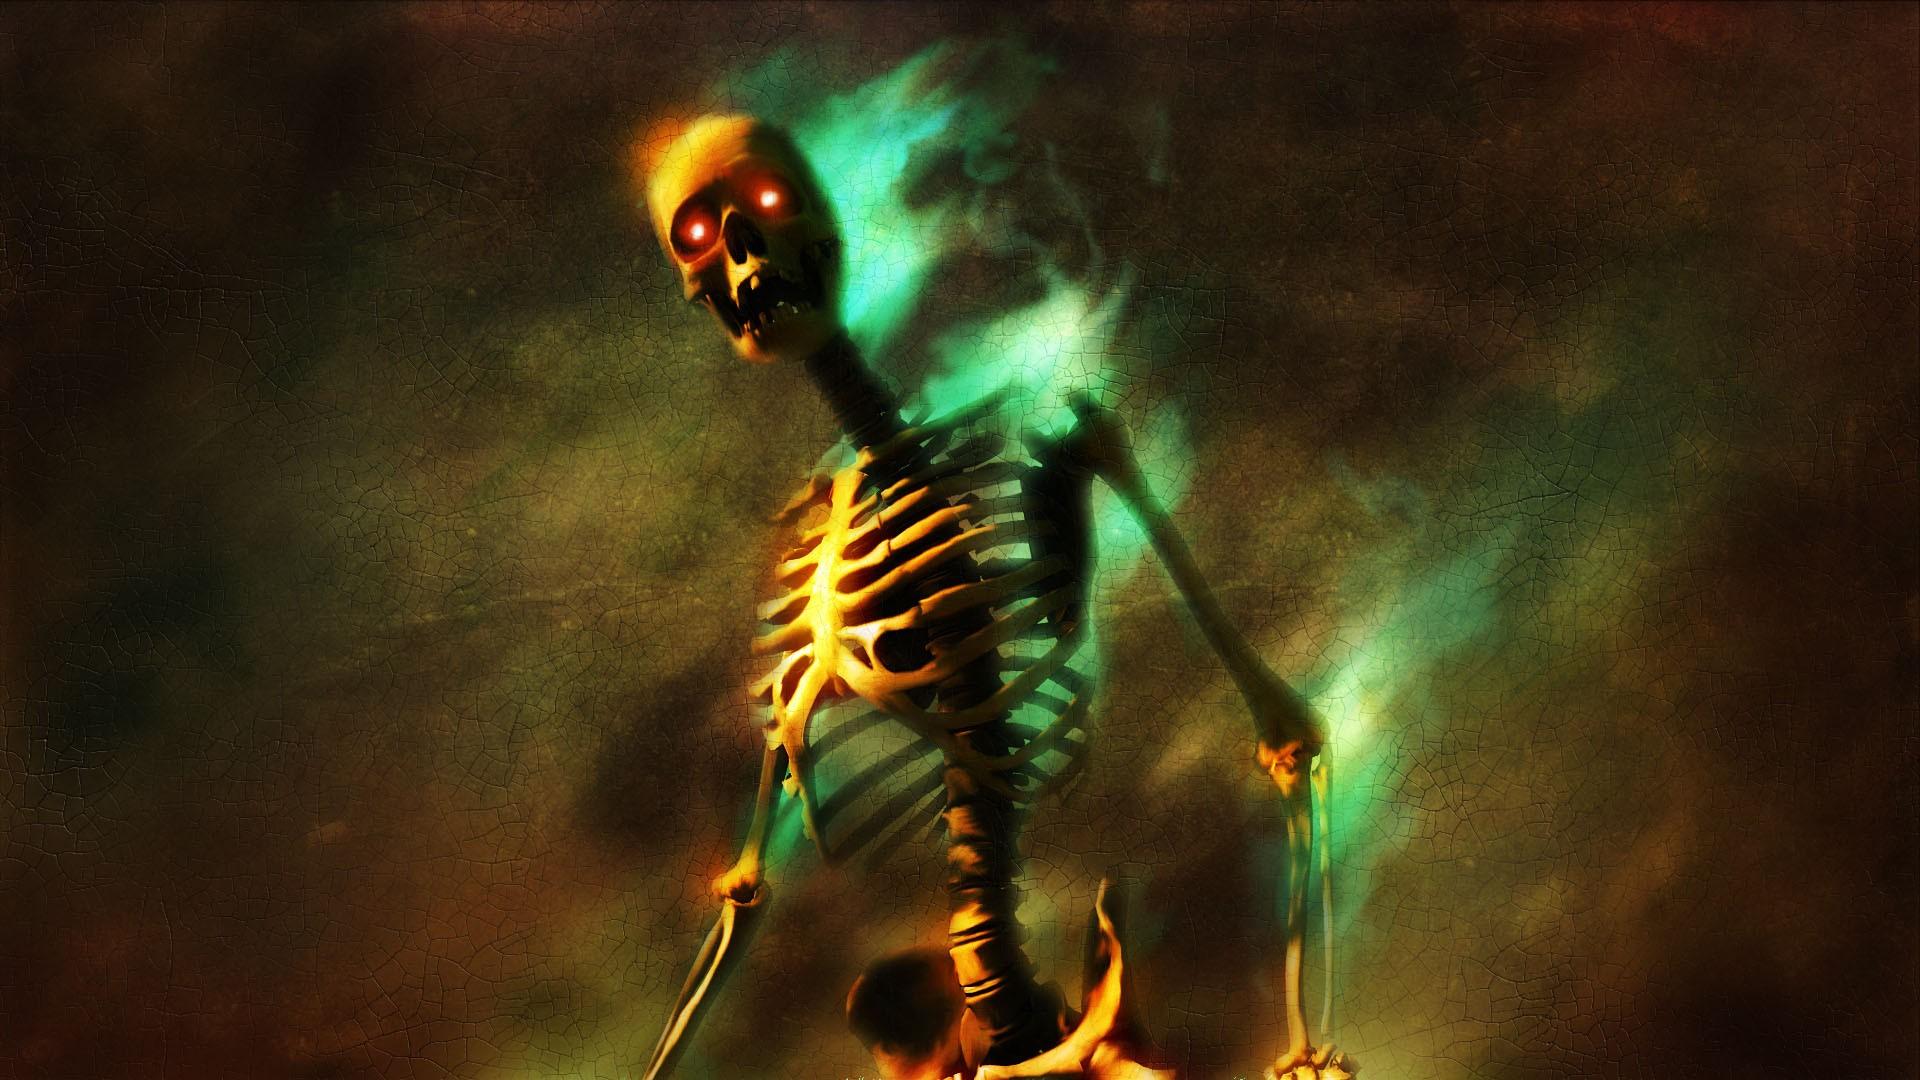 долбит картинки скелетов на рабочий стол предпочитают защищённые